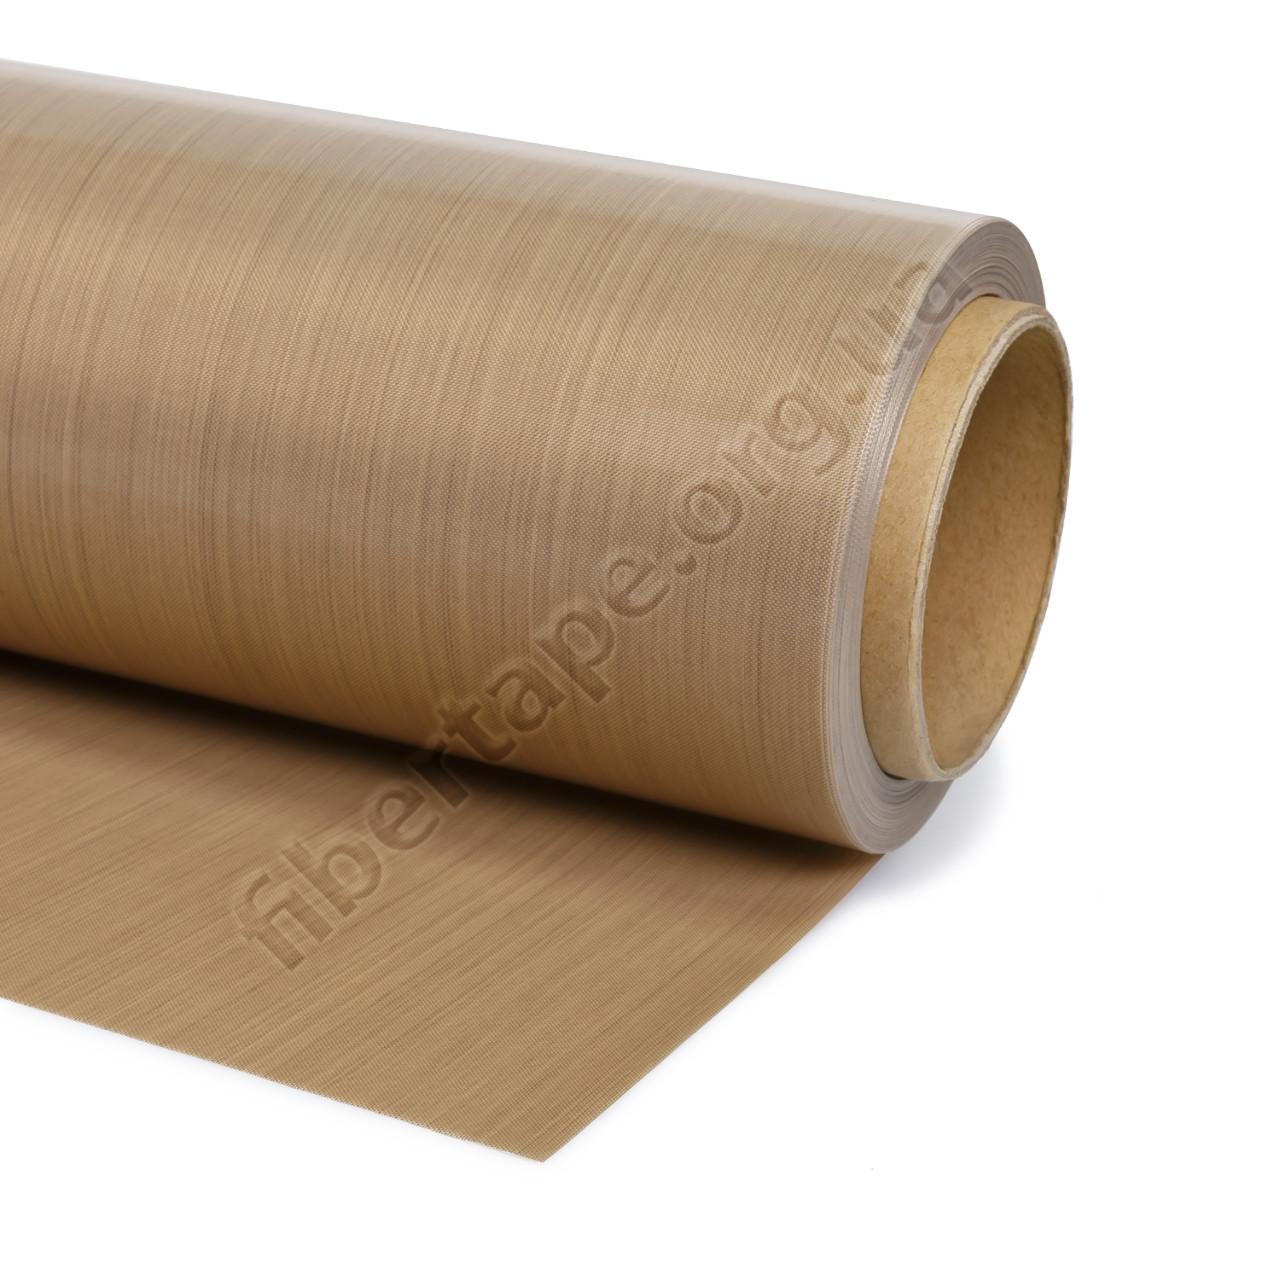 Тефлоновая лента (пленка) 240 микрон устойчивая на разрыв